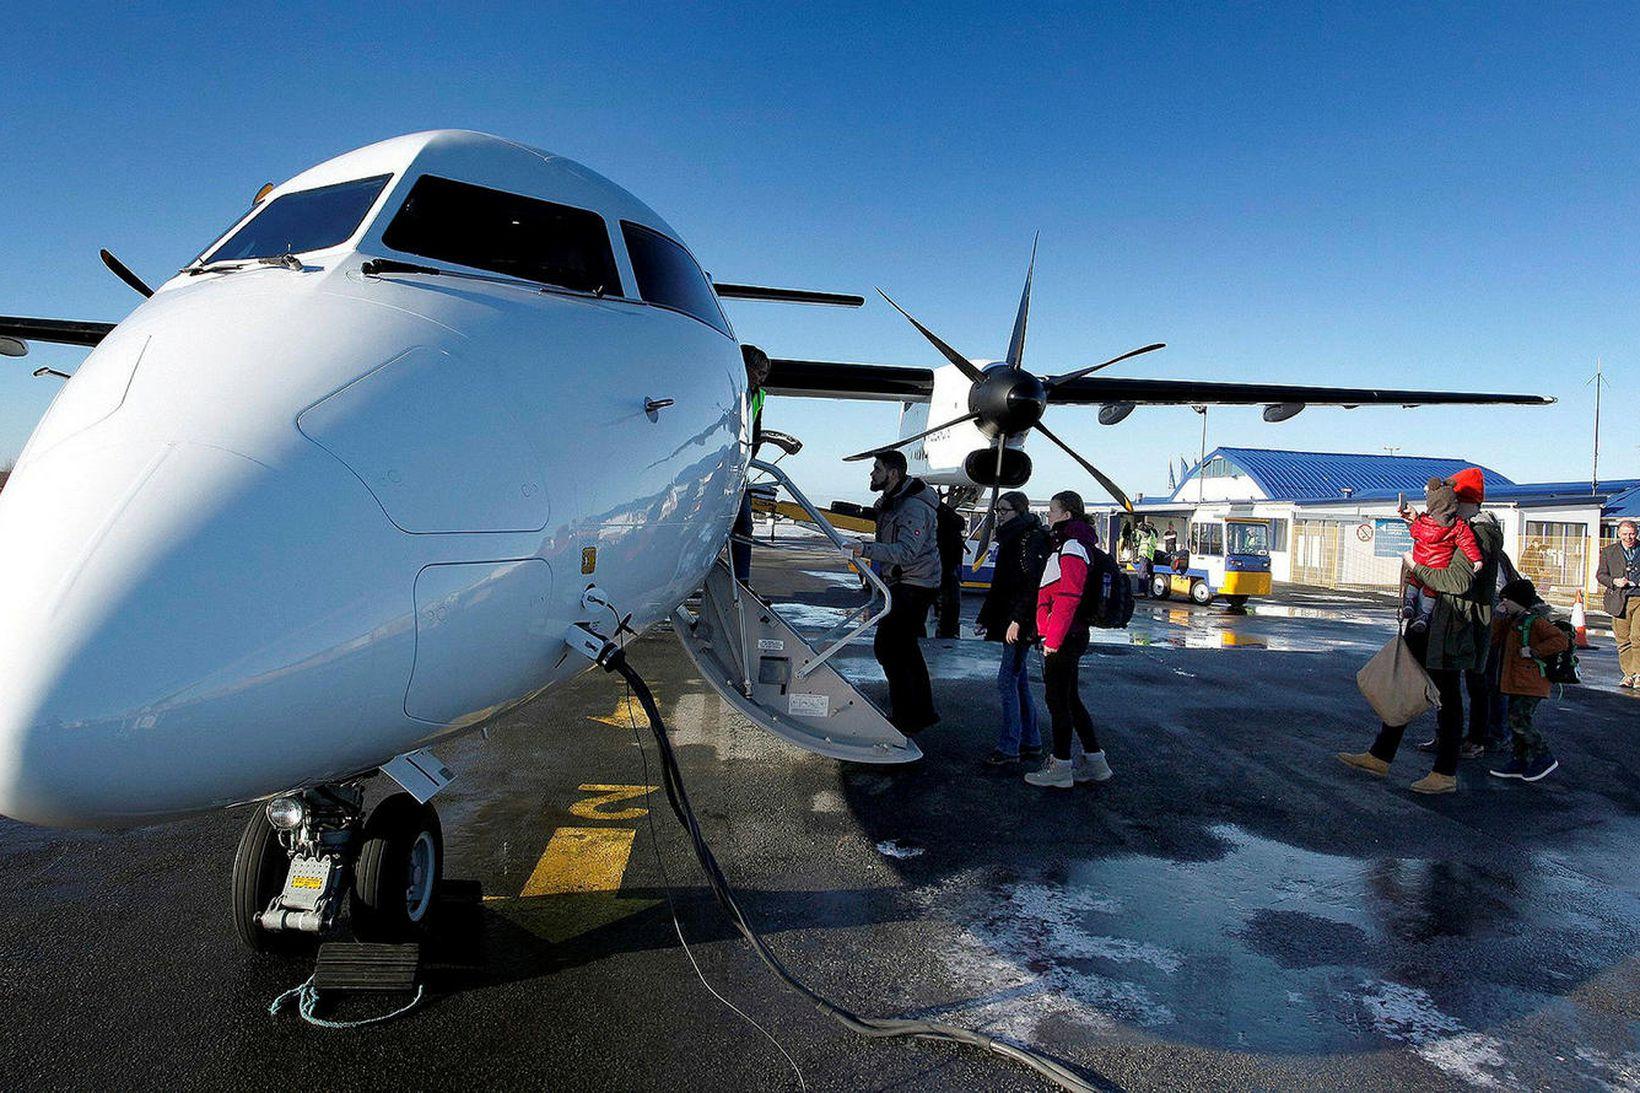 Bombardier Q 400Vélarnar eru hljóðlátar og afkastamiklar.